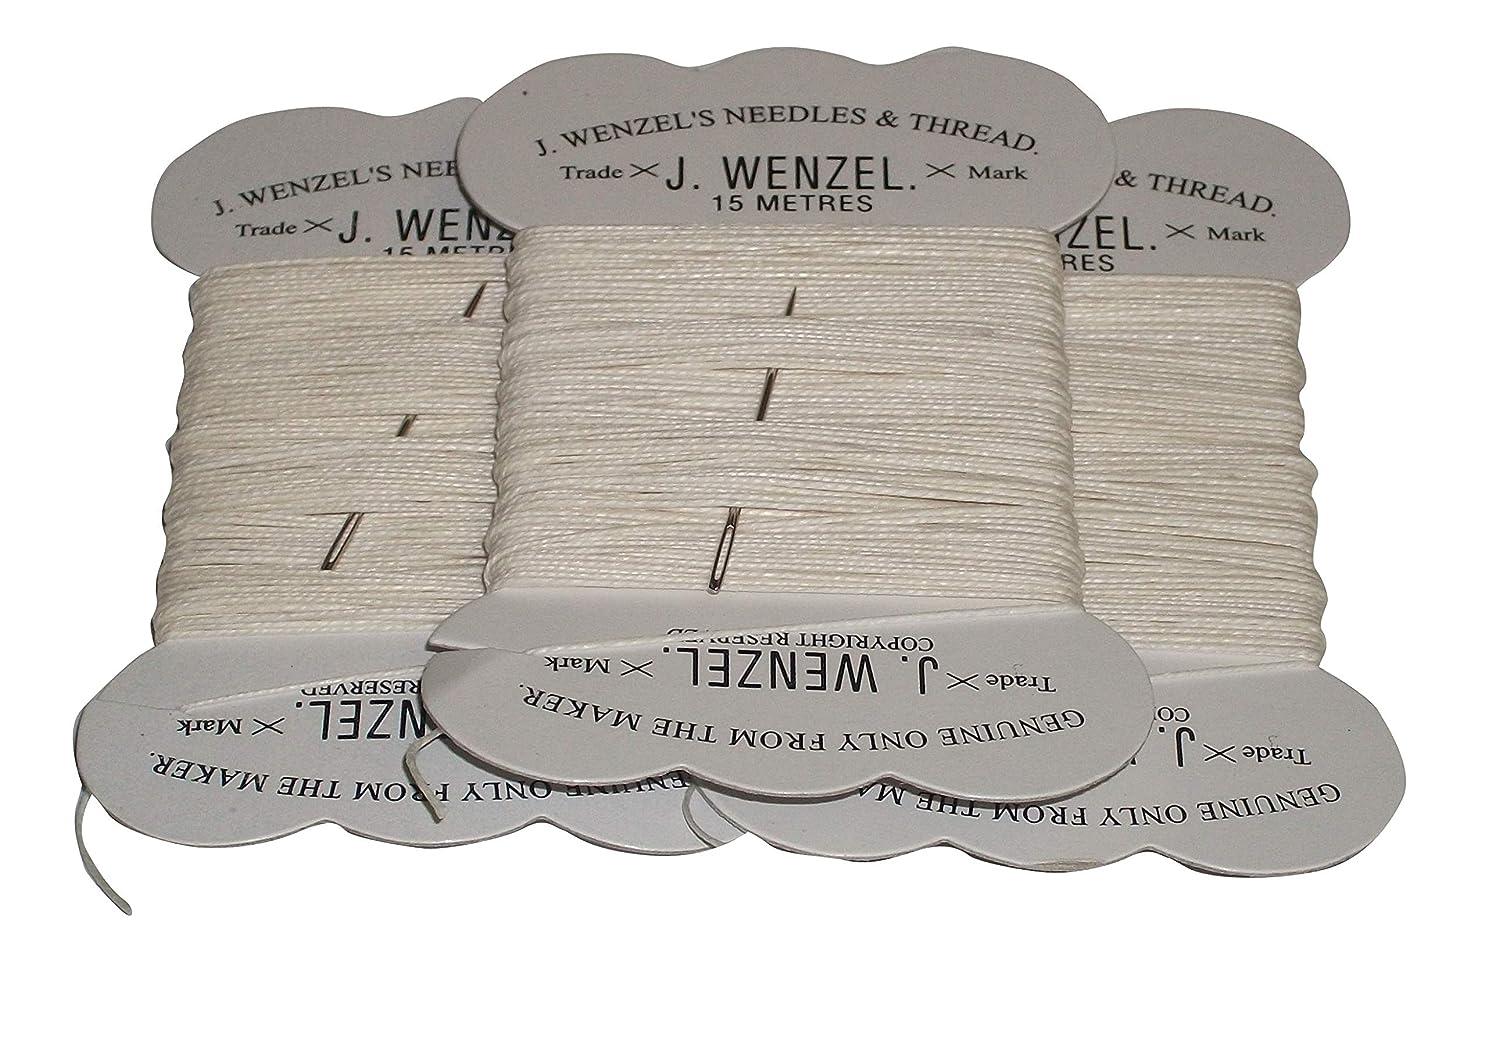 害虫アプローチファイアル(ビッツ) Bitz 馬用 三つ編み用紐 カードブレイディング お手入れ 乗馬 グルーミング (3個組) (15m x 3個) (ホワイト)